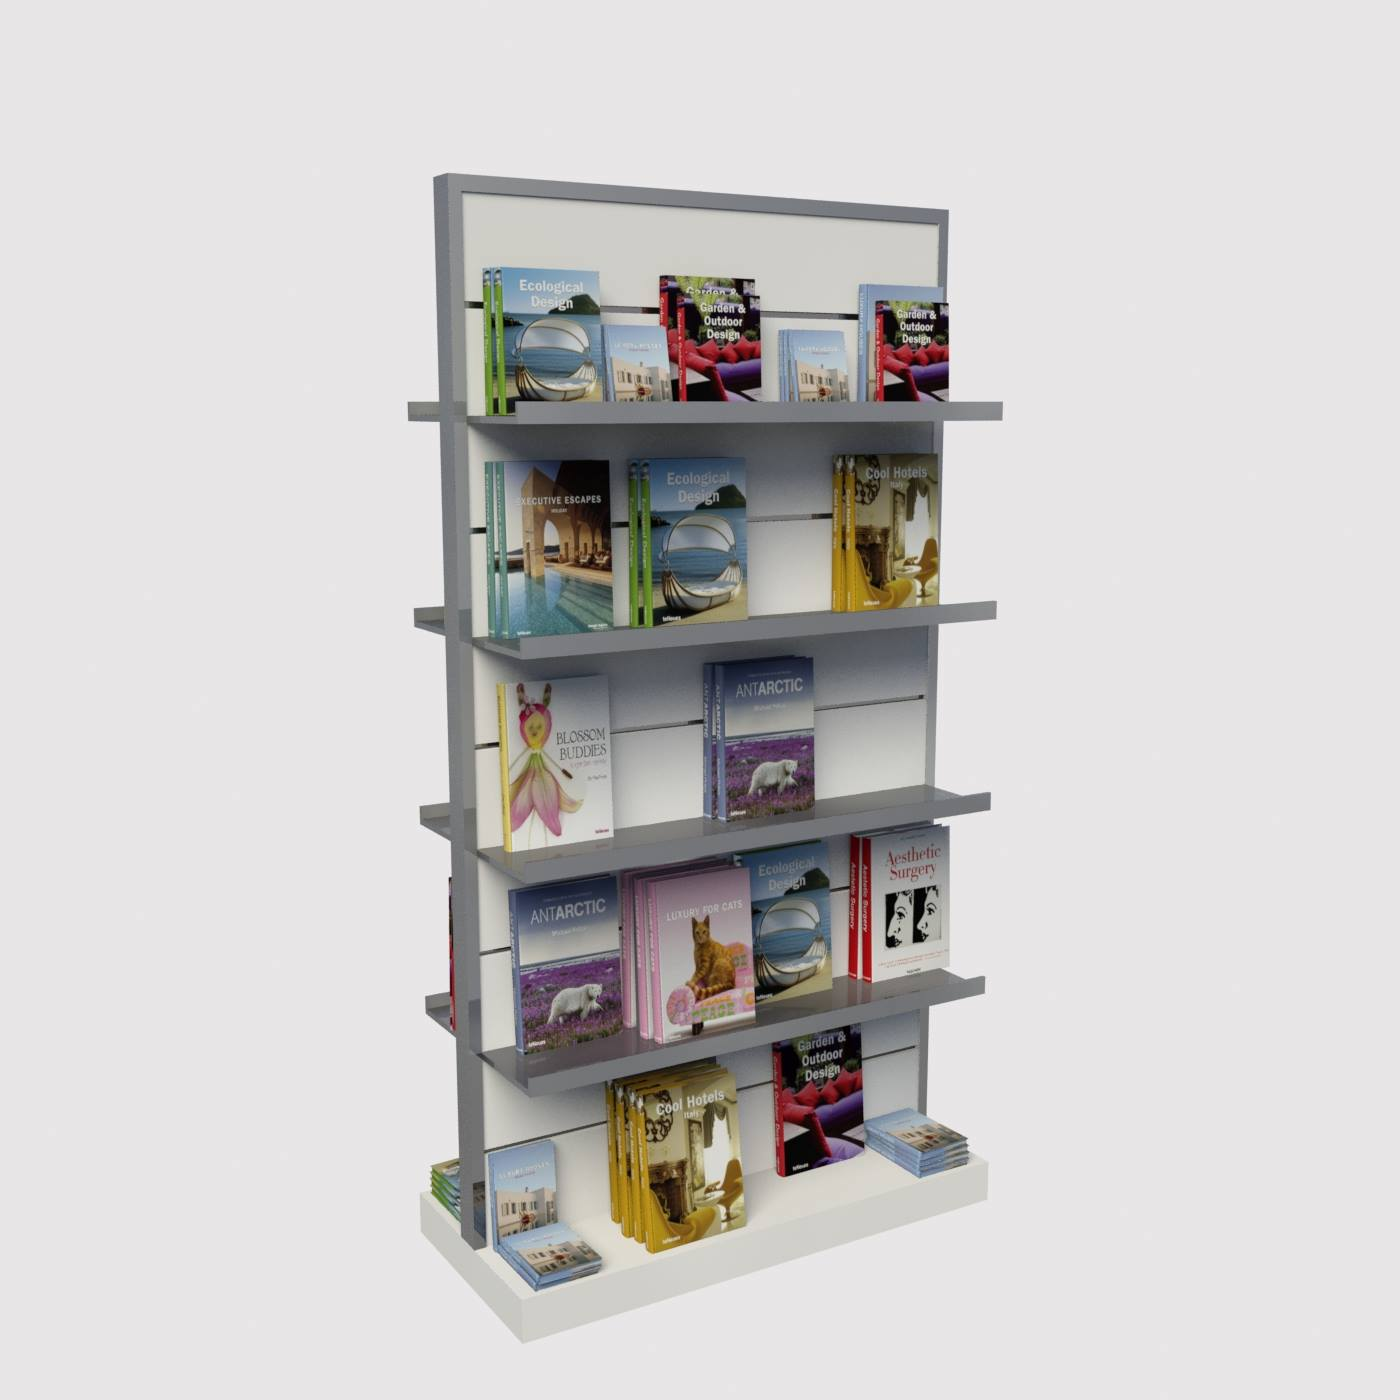 έπιπλα βιβλιοπωλείων διακόσμηση εξοπλισμός kmstoredesign επίπλωση βιβλιοπωλείου διακόσμηση επαγγελματικού χώρου